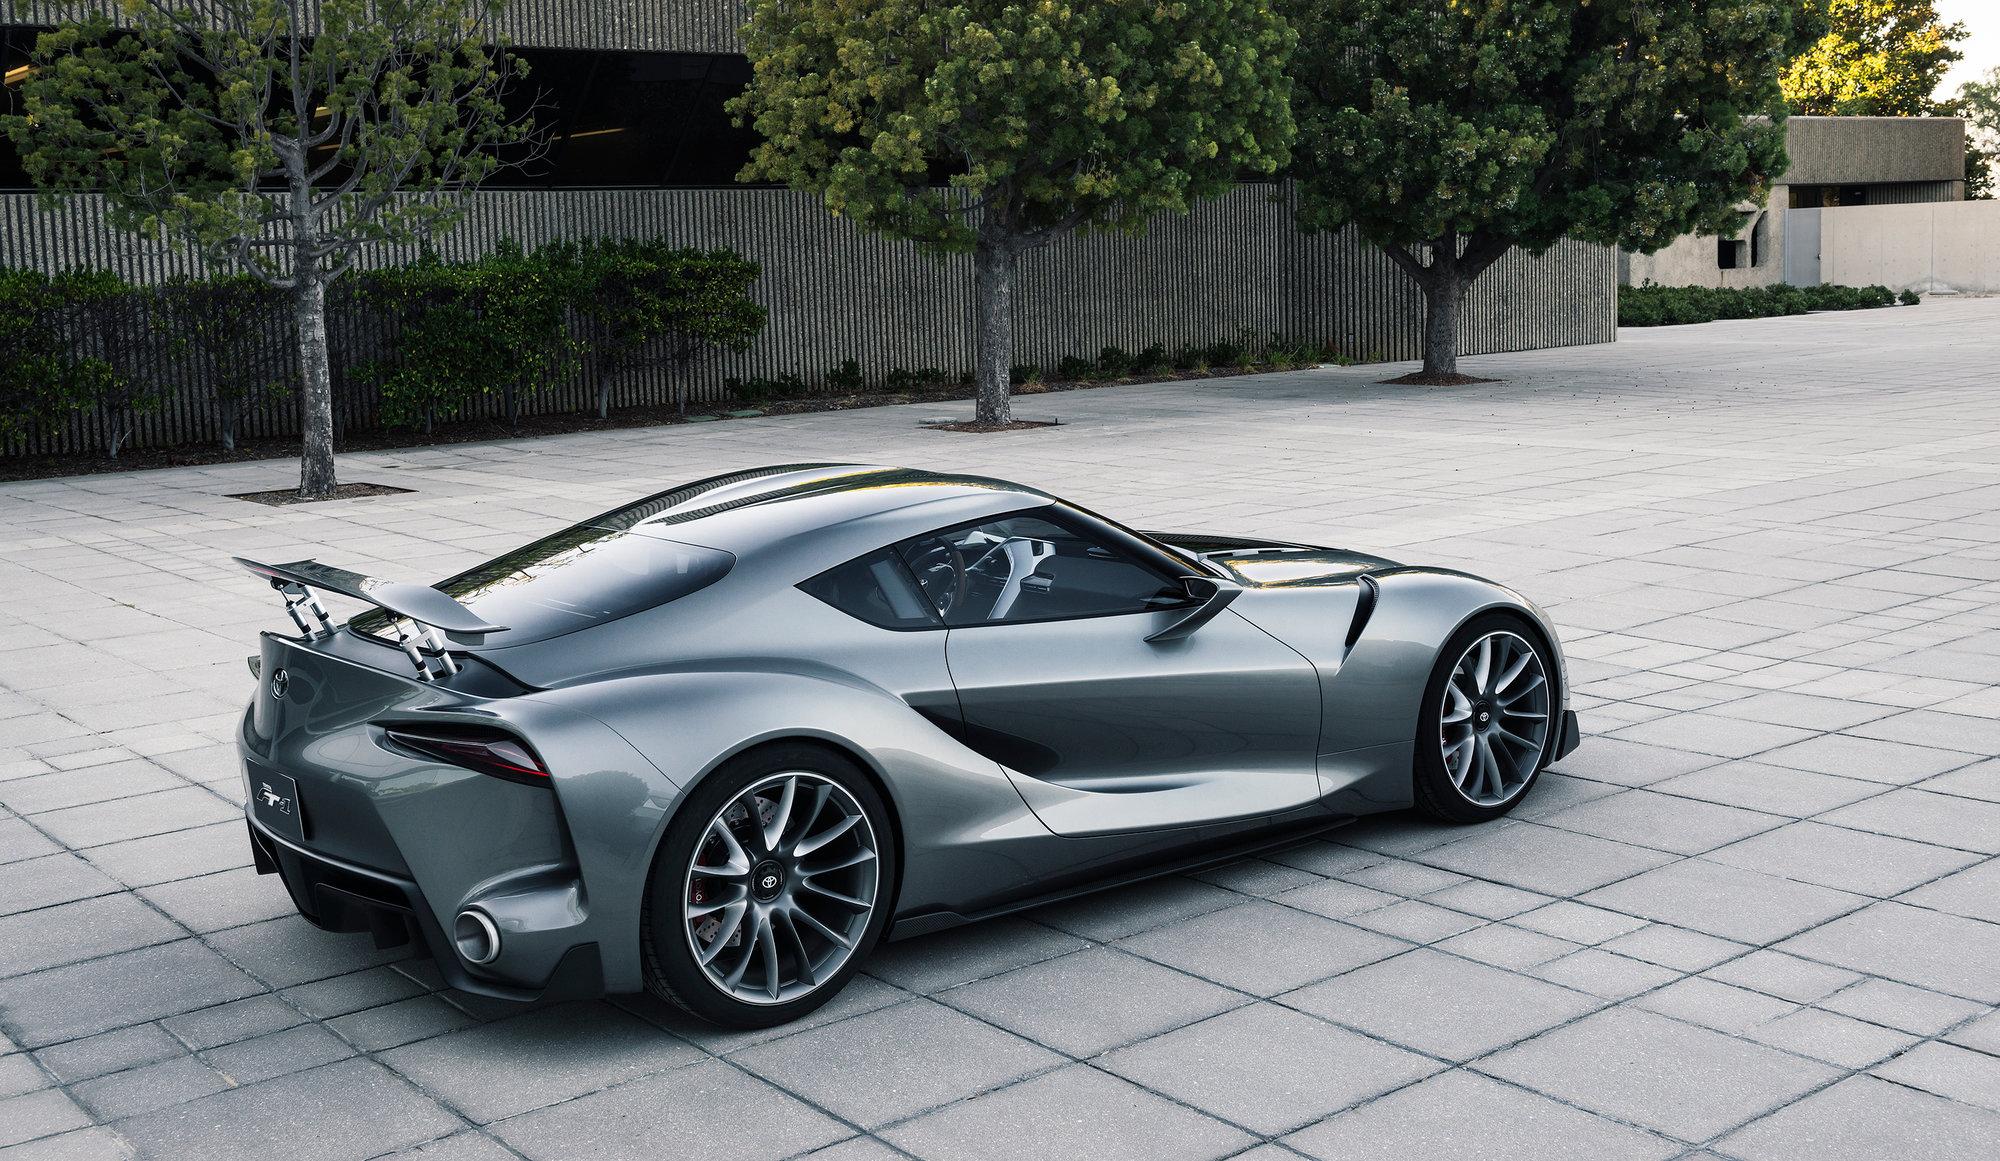 Koncept FT-1 je pravděpodobným ztvárněním nové Toyoty Supra